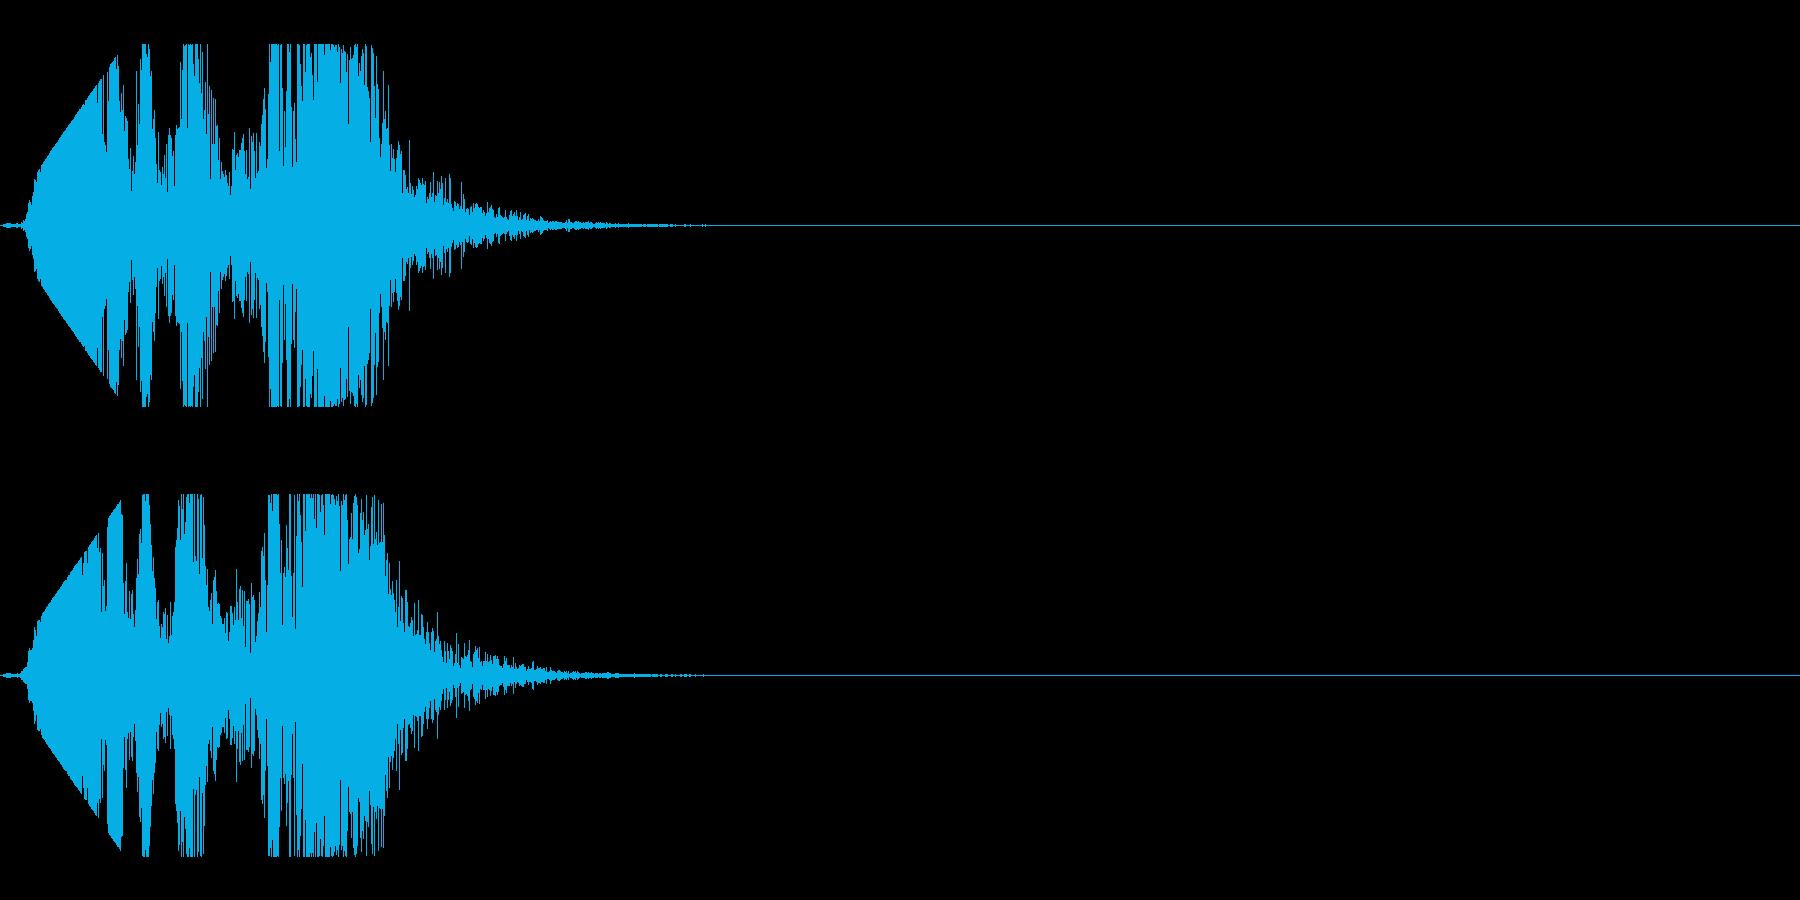 シュポッとブロックやパズルが消える音の再生済みの波形